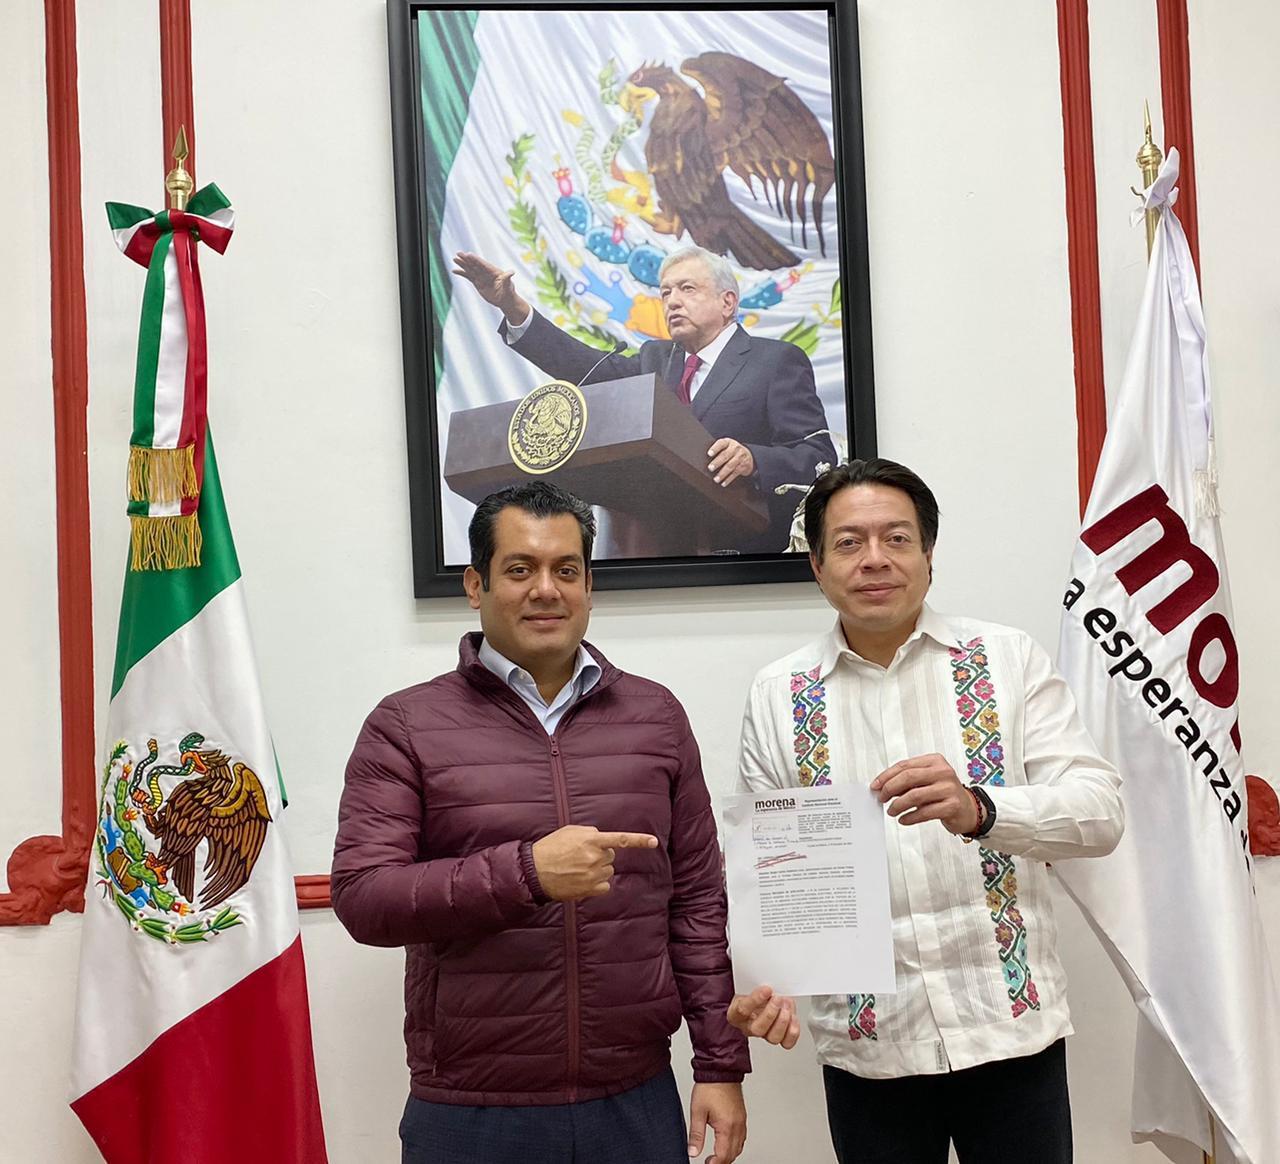 Mario Delgado. MORENA EN DEFENSA DE LA LIBERTAD DE EXPRESION